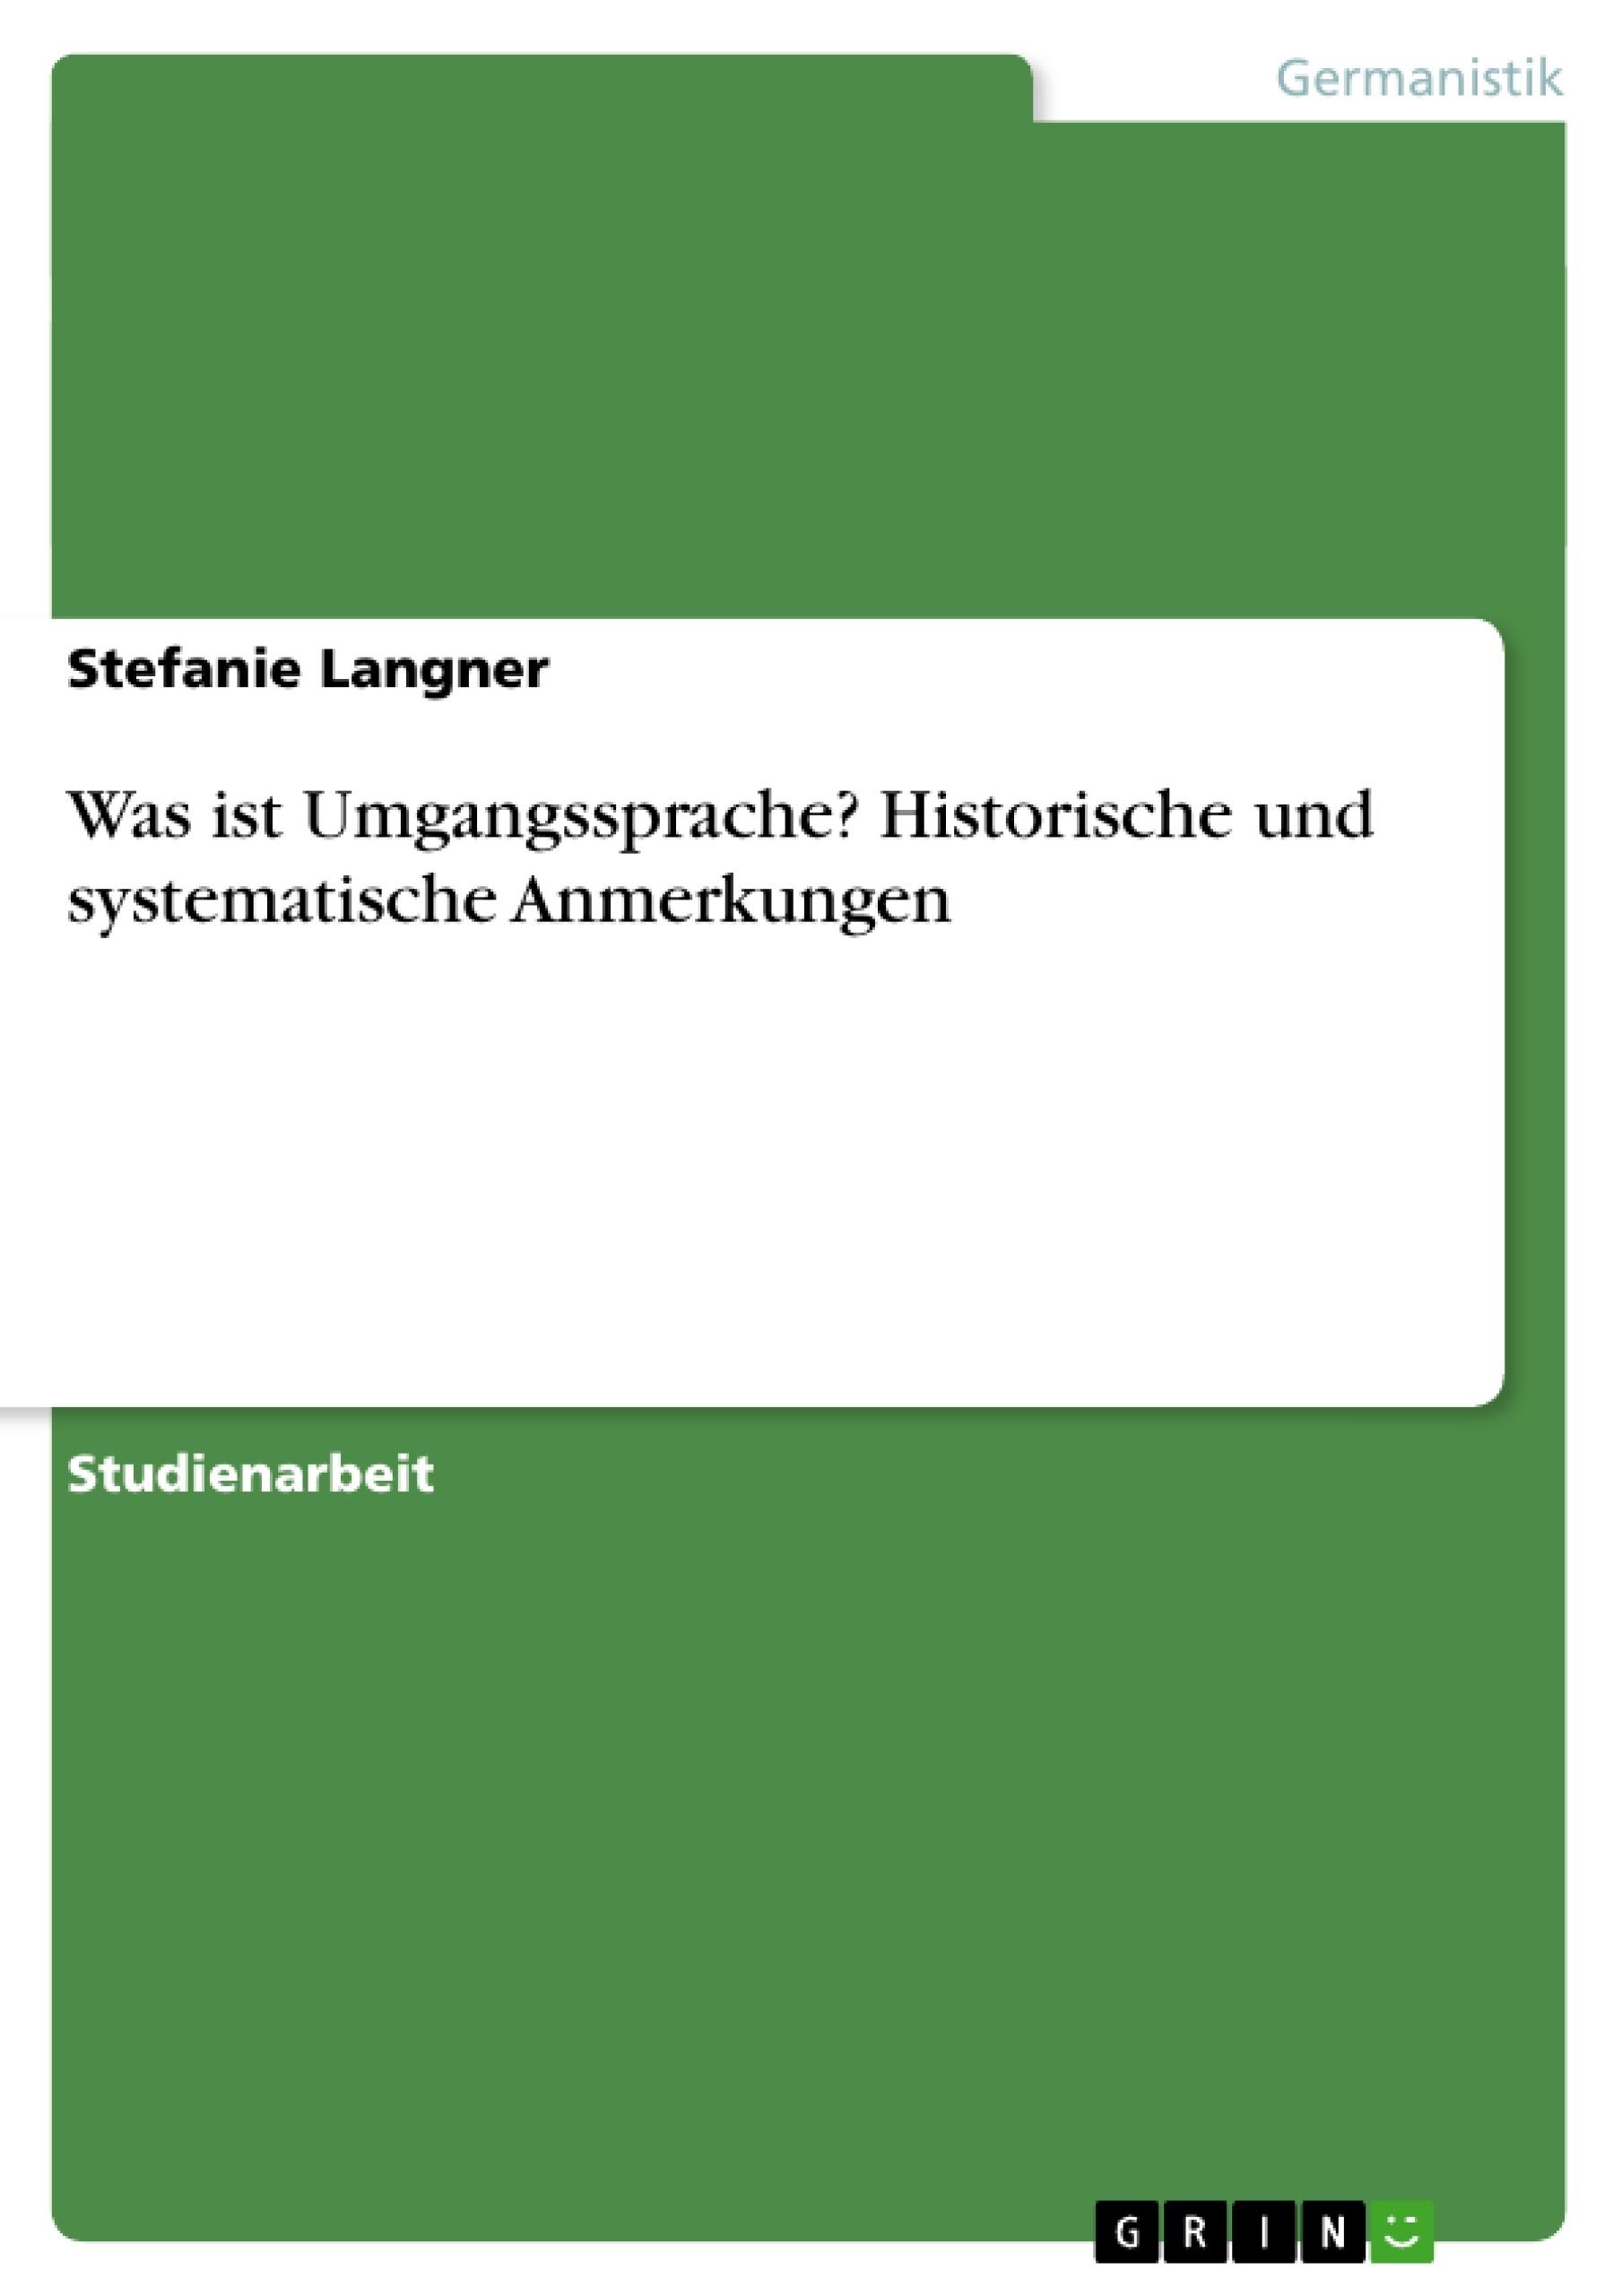 Titel: Was ist Umgangssprache? Historische und systematische Anmerkungen